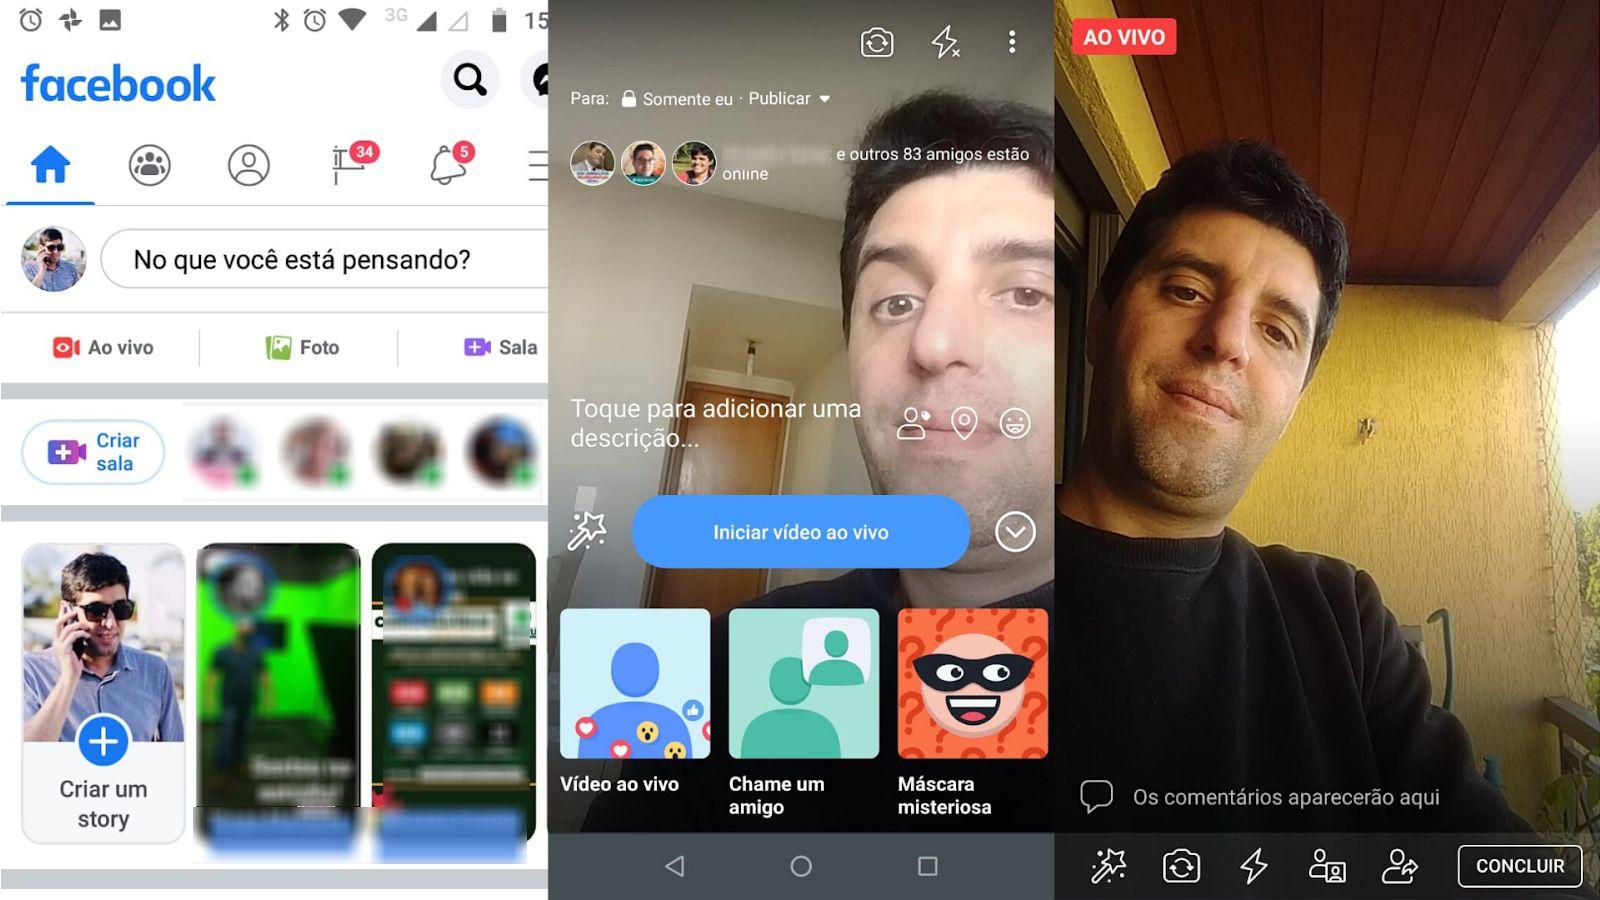 Como fazer live no Facebook via celular. (Imagem: Zoom)